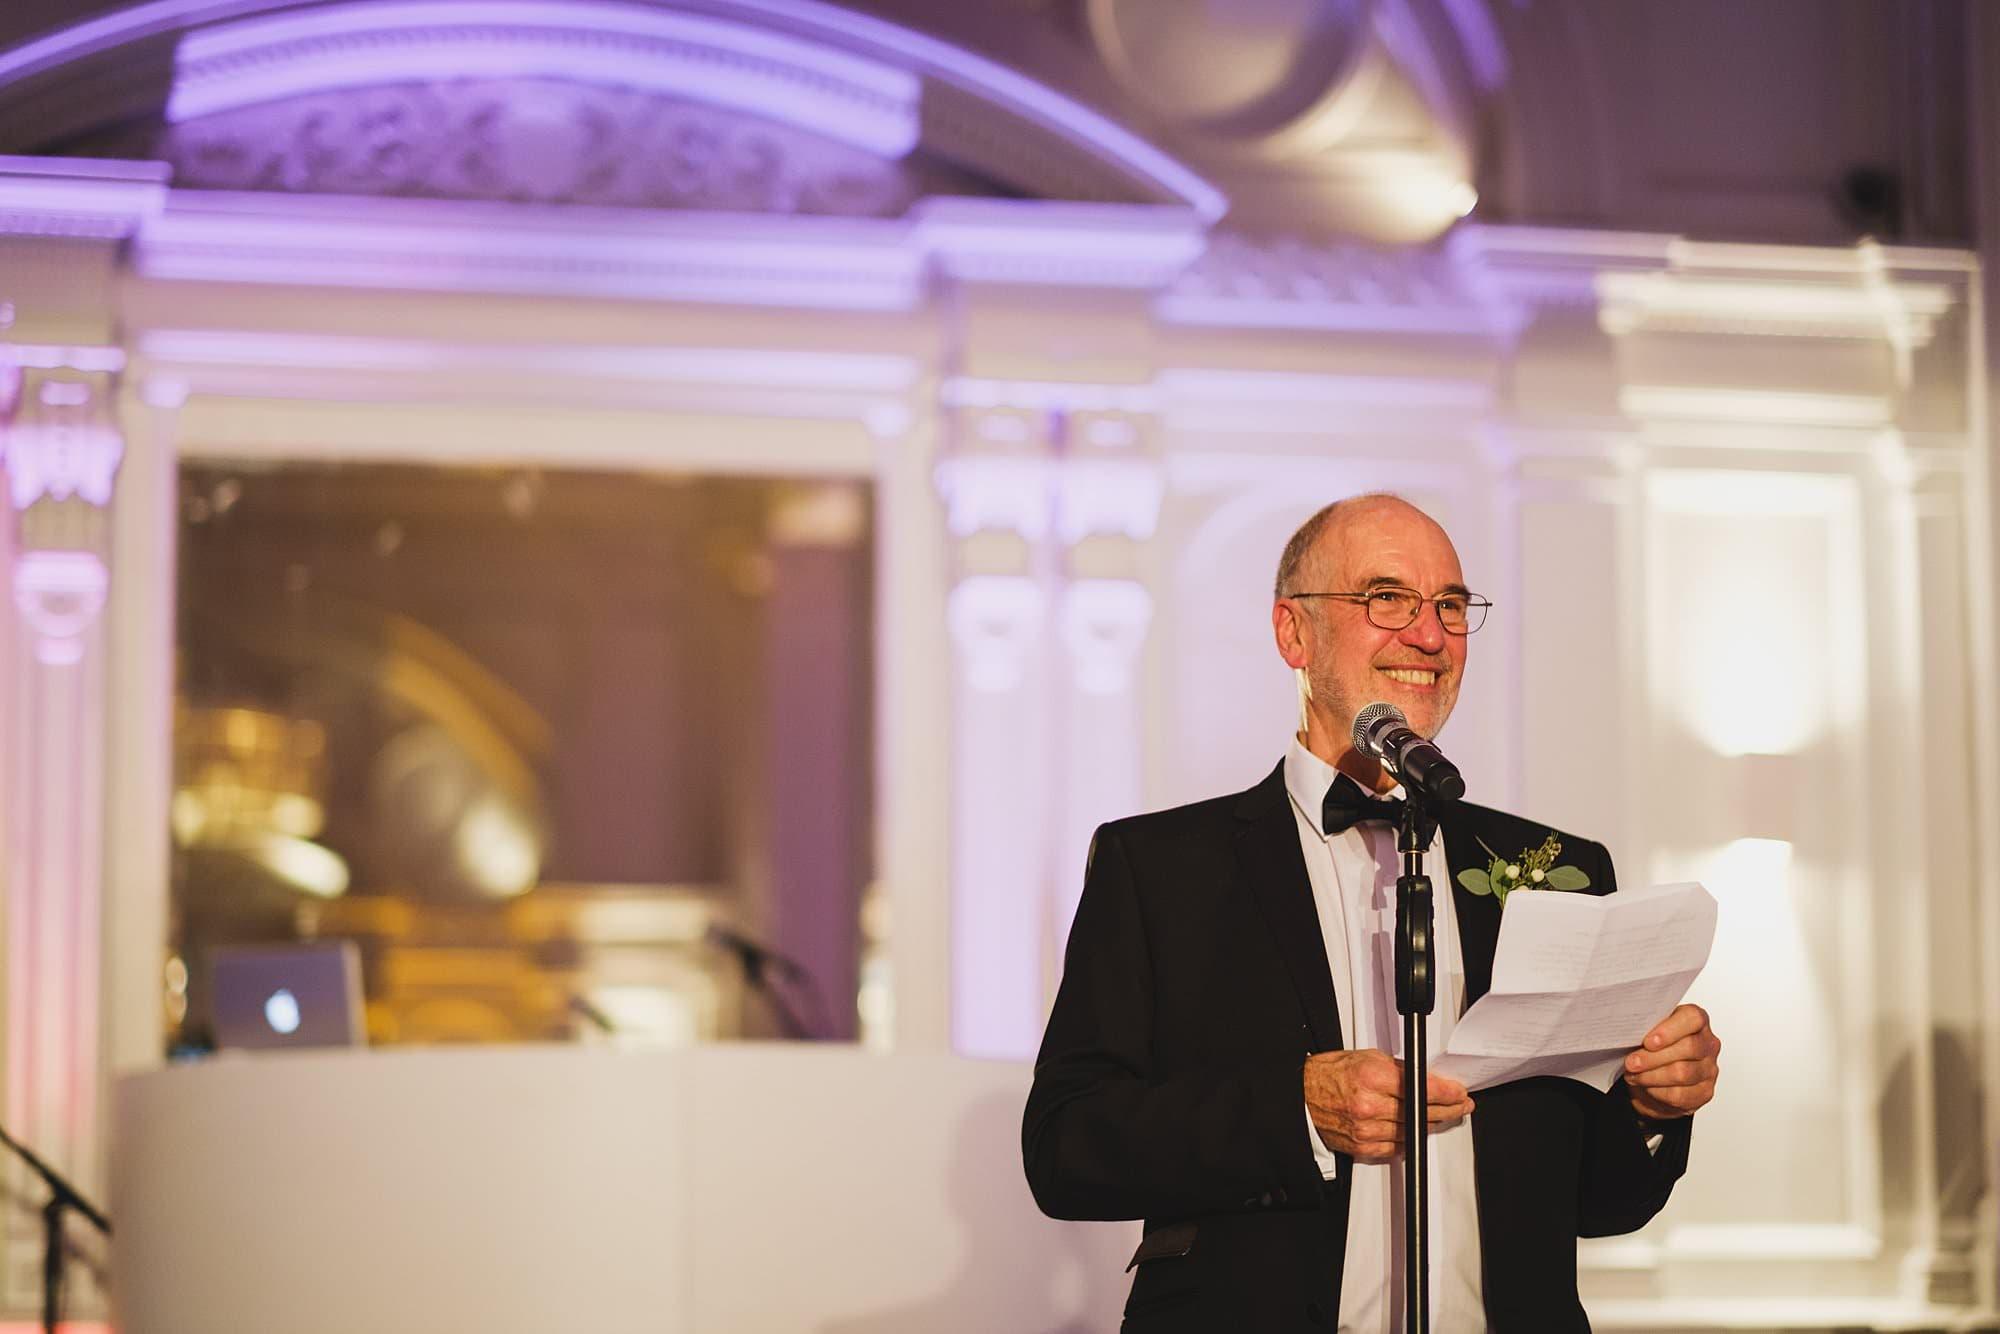 london andaz wedding photographer la 073 - Andaz Liverpool Street Wedding Photographer | Lauren & Alex